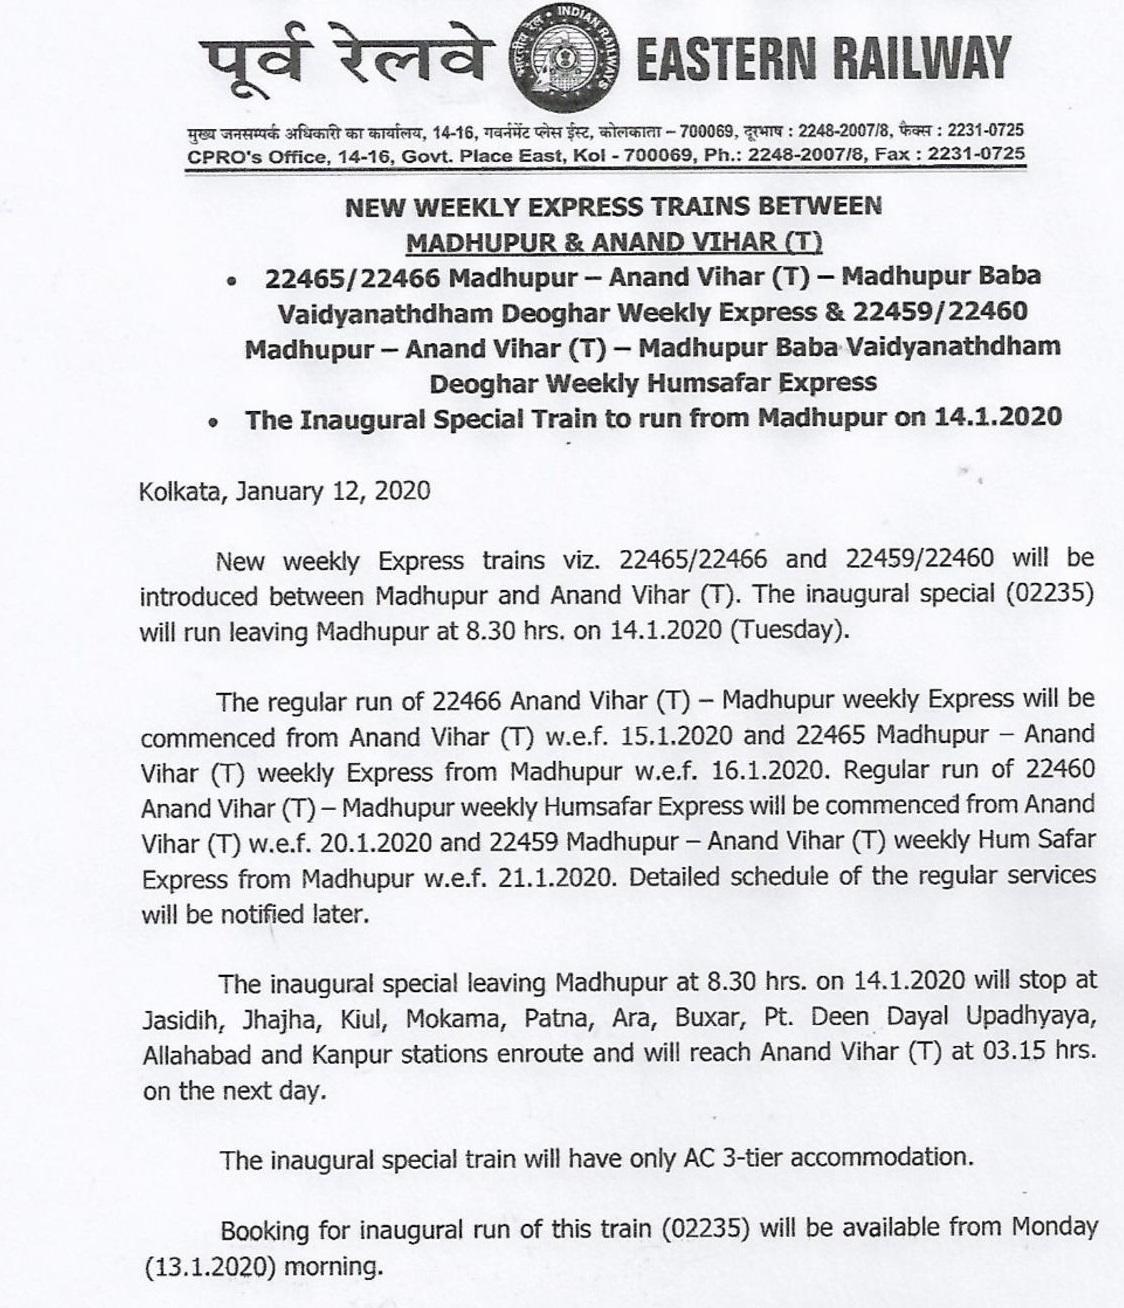 मधुपुर को दिल्ली के लिए मिली दो नई ट्रेनें